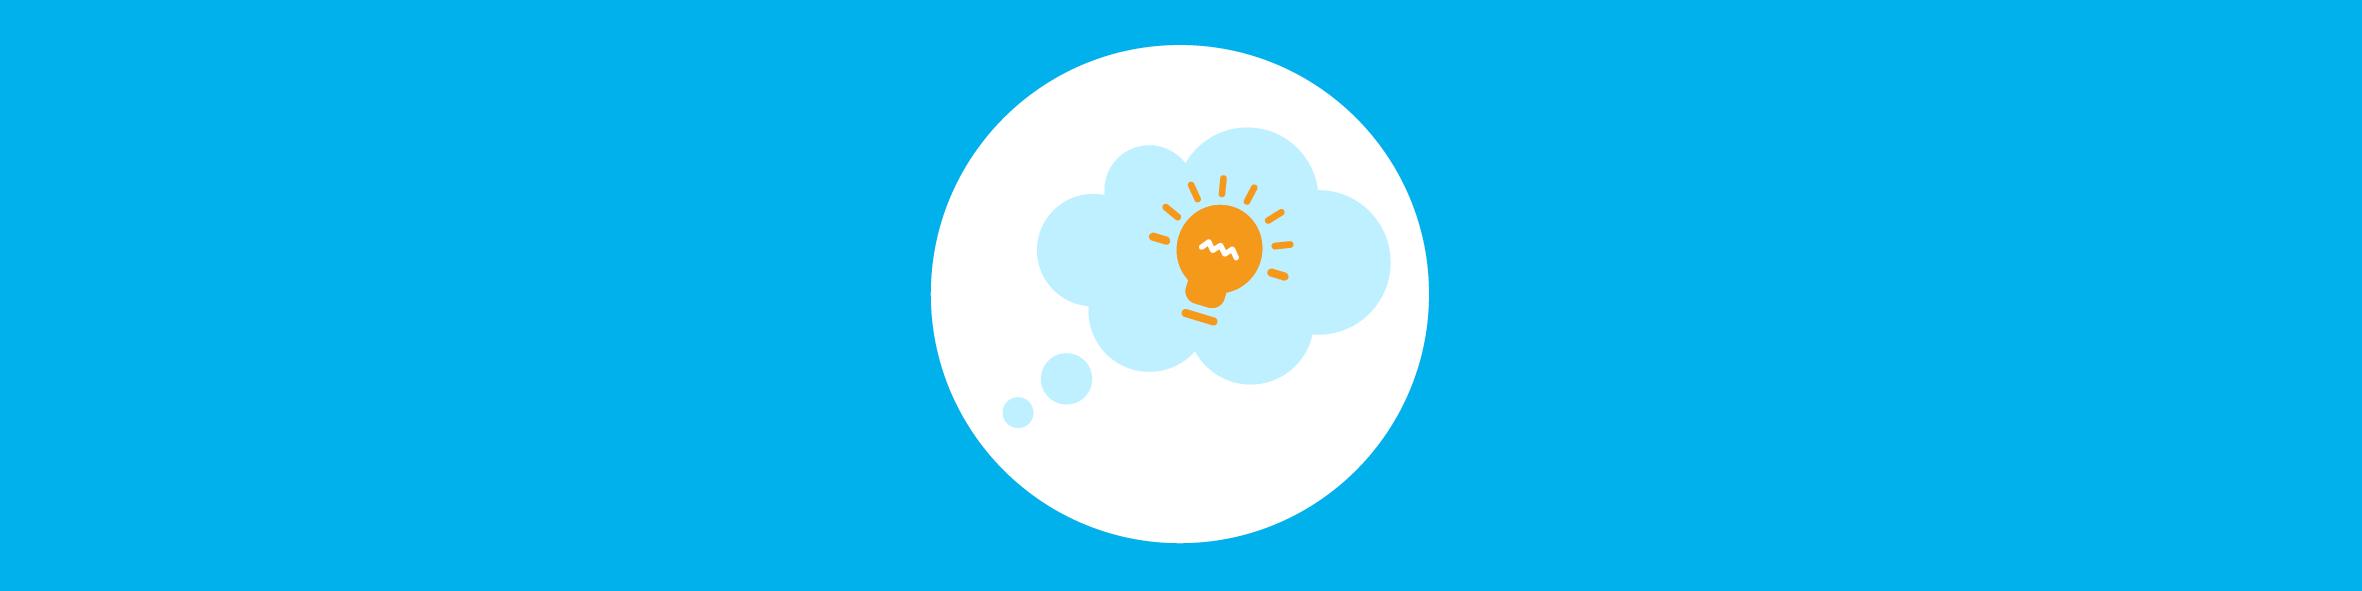 design thinking workshop banner